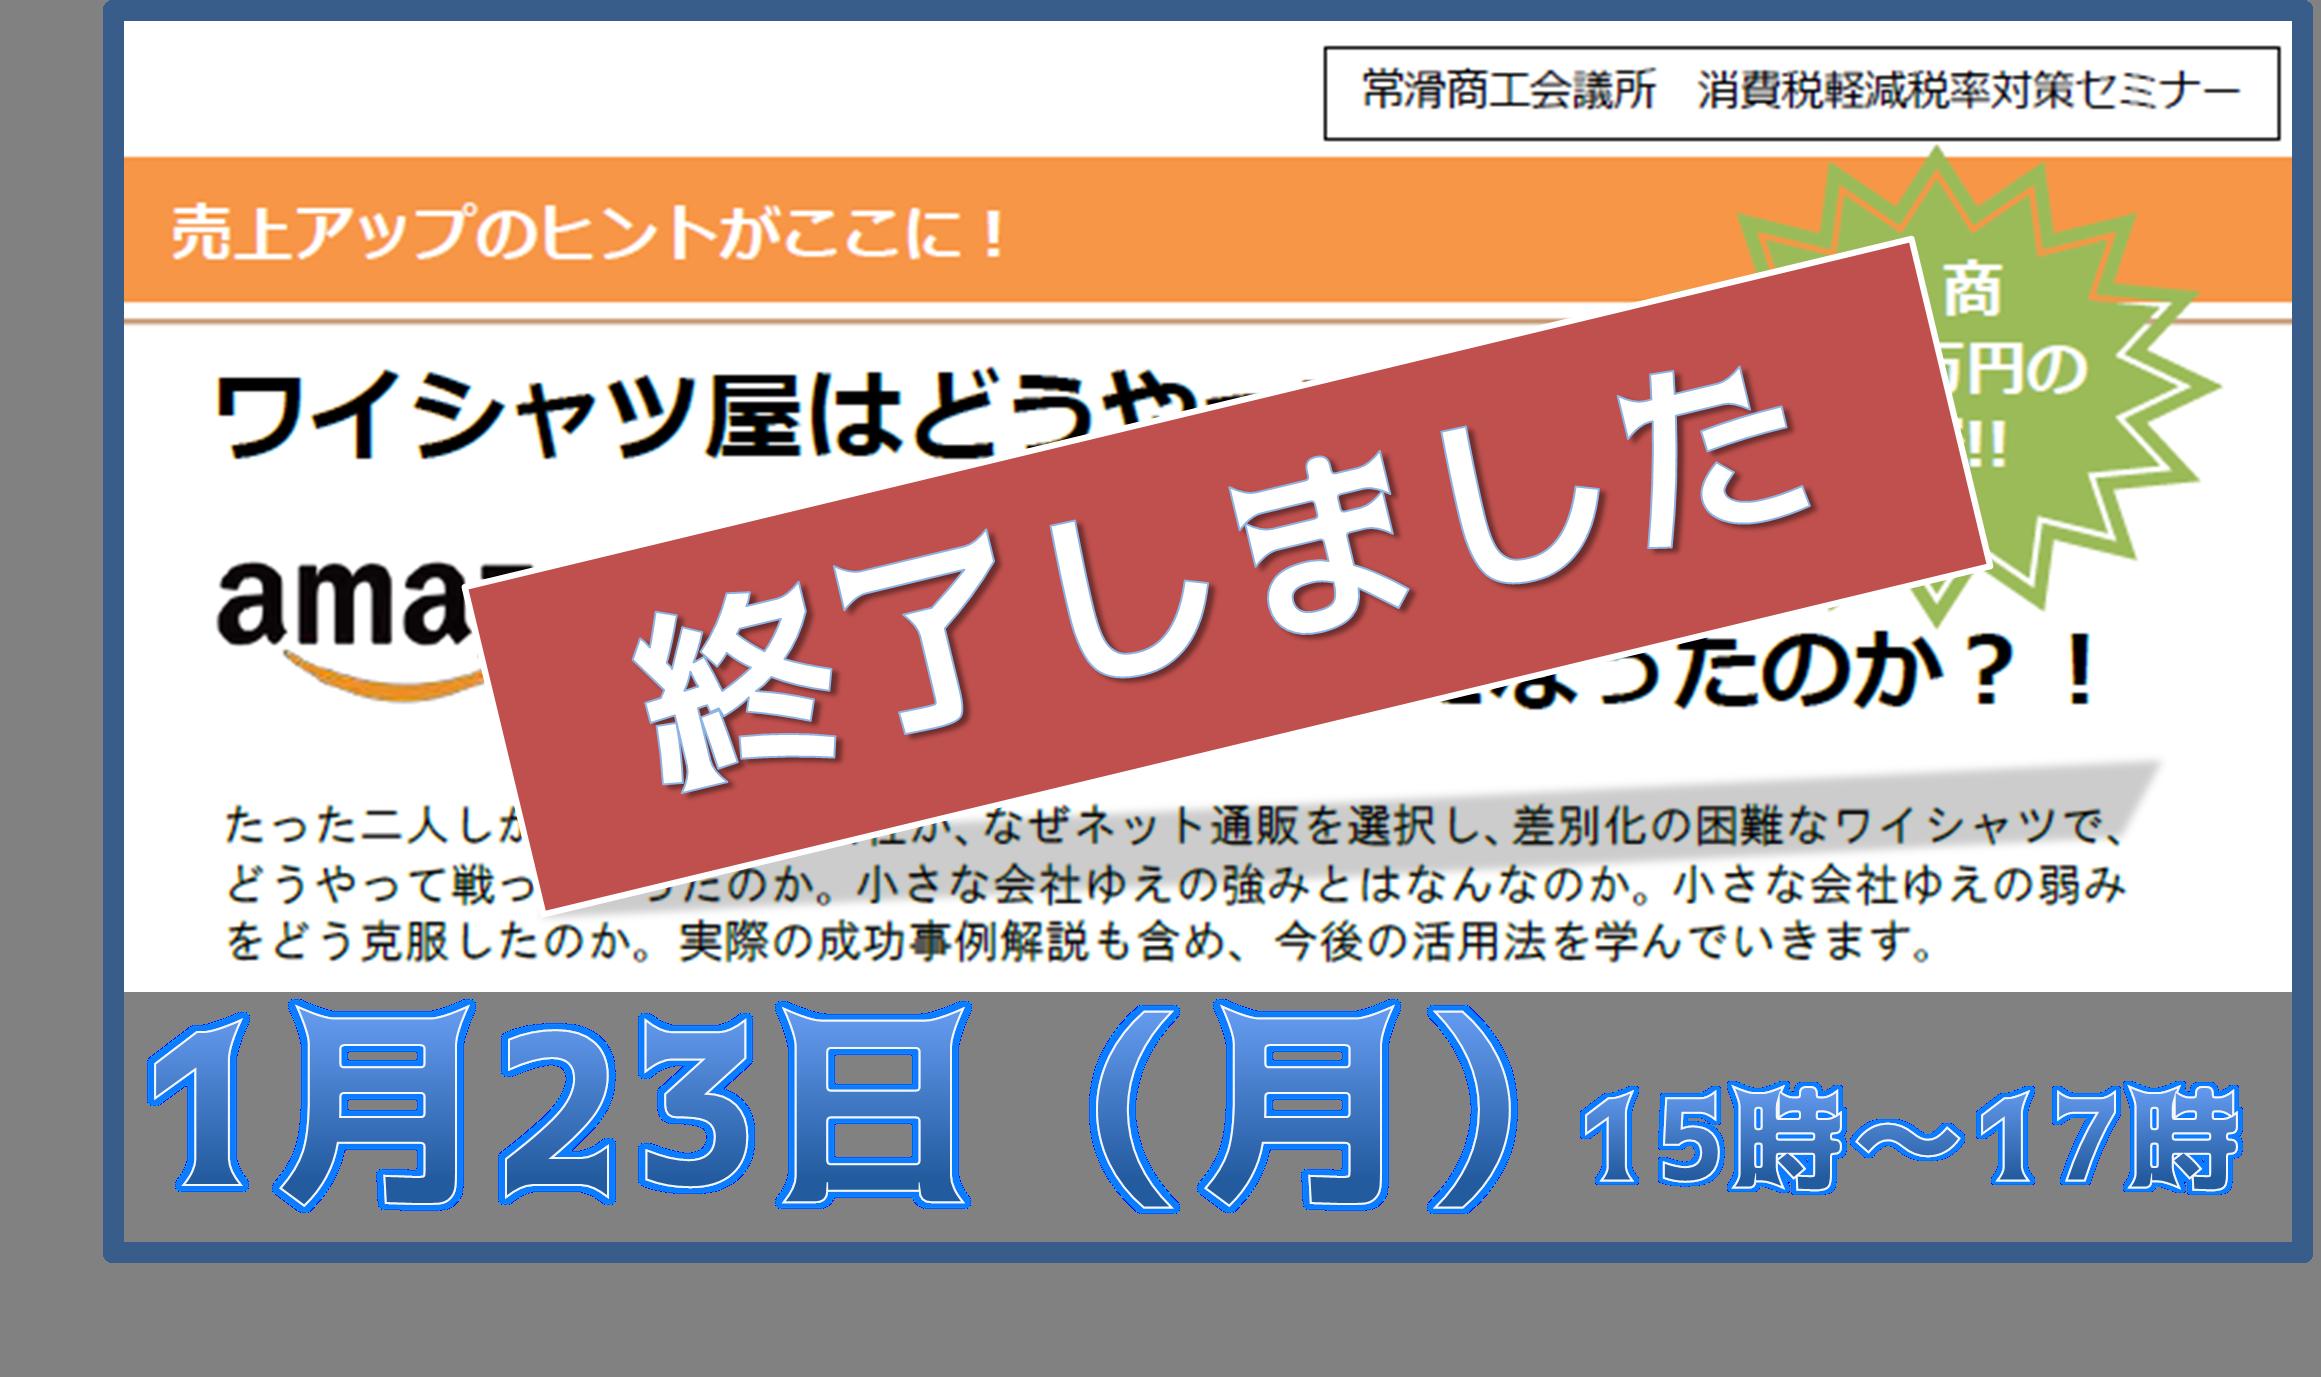 【1/23】売上アップのヒントがここに❢